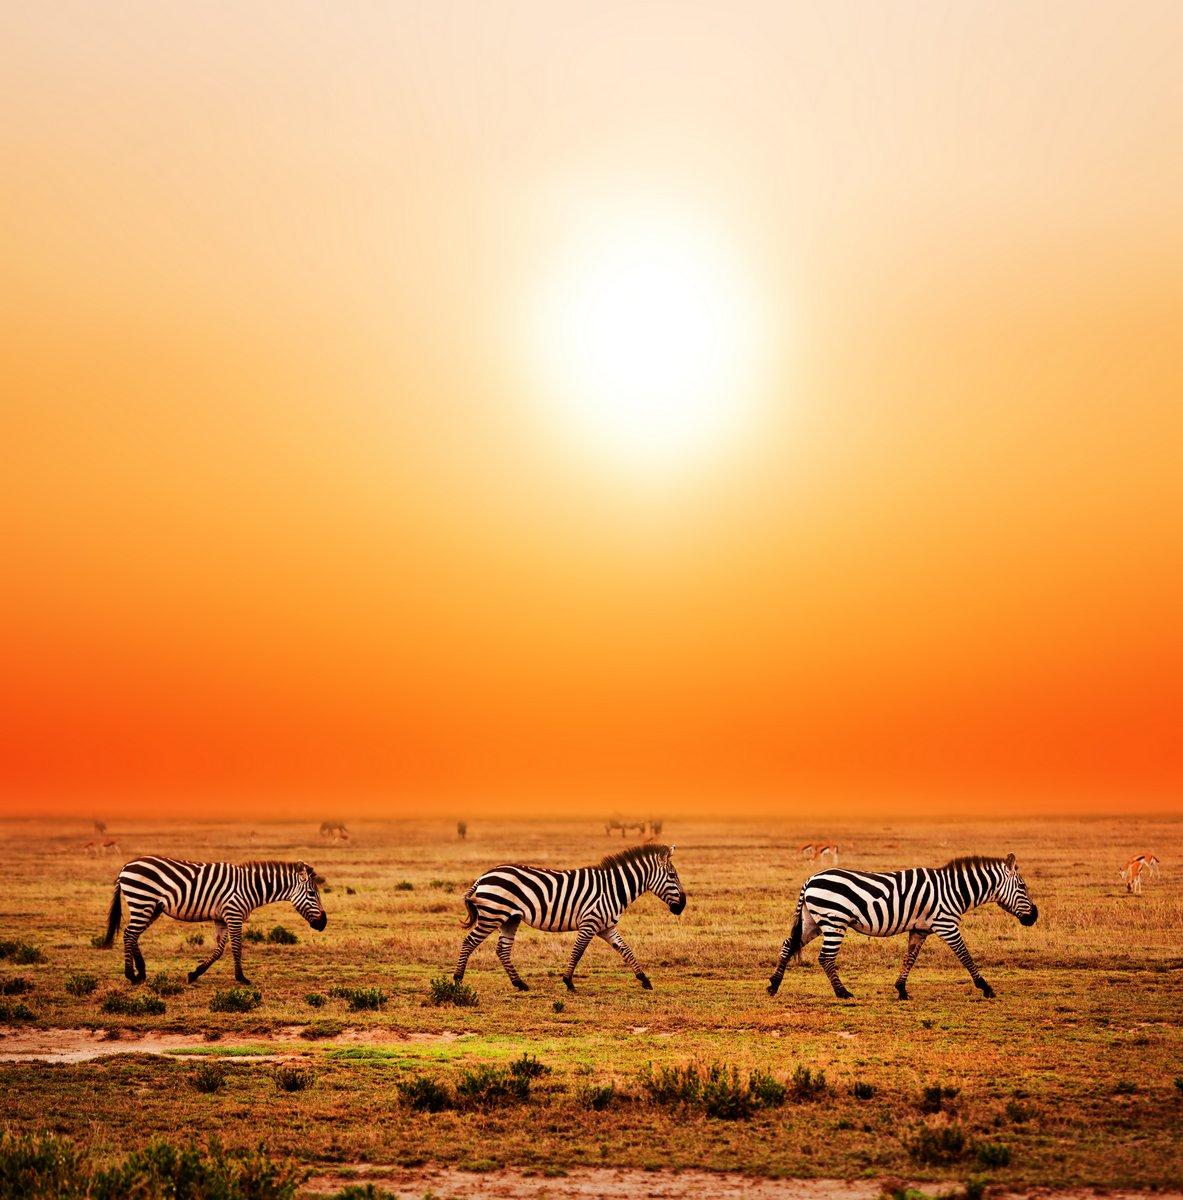 Постер Африканский пейзаж Стадо зебр в Африканской саванне на закате. Сафари в СеренгетиАфриканский пейзаж<br>Постер на холсте или бумаге. Любого нужного вам размера. В раме или без. Подвес в комплекте. Трехслойная надежная упаковка. Доставим в любую точку России. Вам осталось только повесить картину на стену!<br>